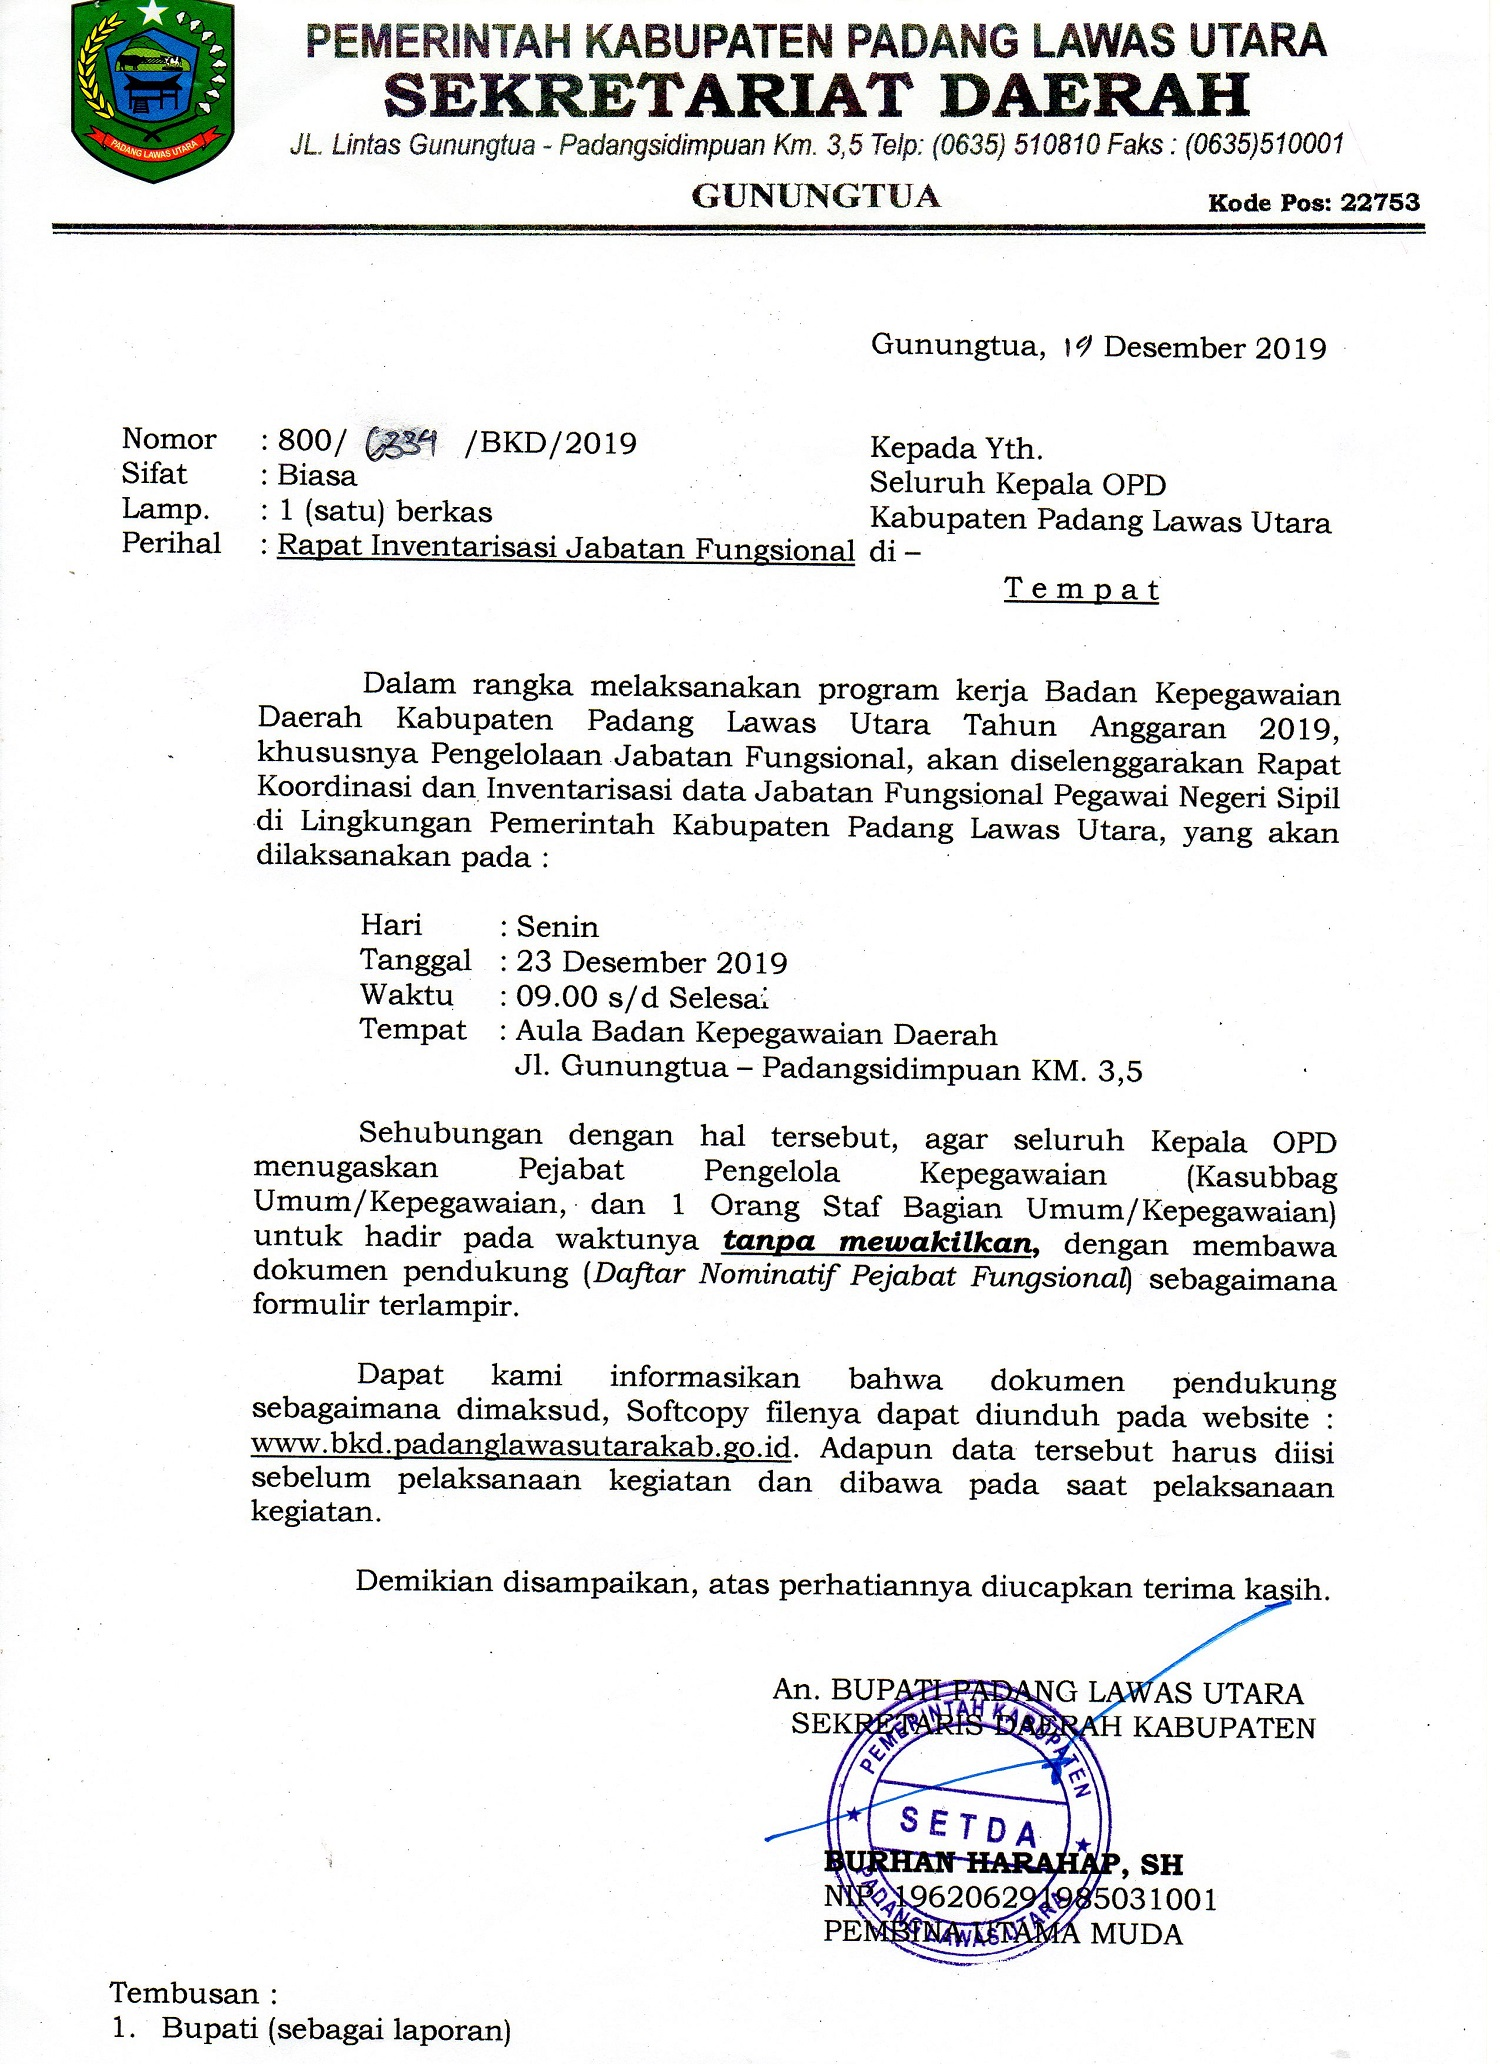 Softcopy File  Formulir Rapat Inventarisasi Jabatan Fungsional